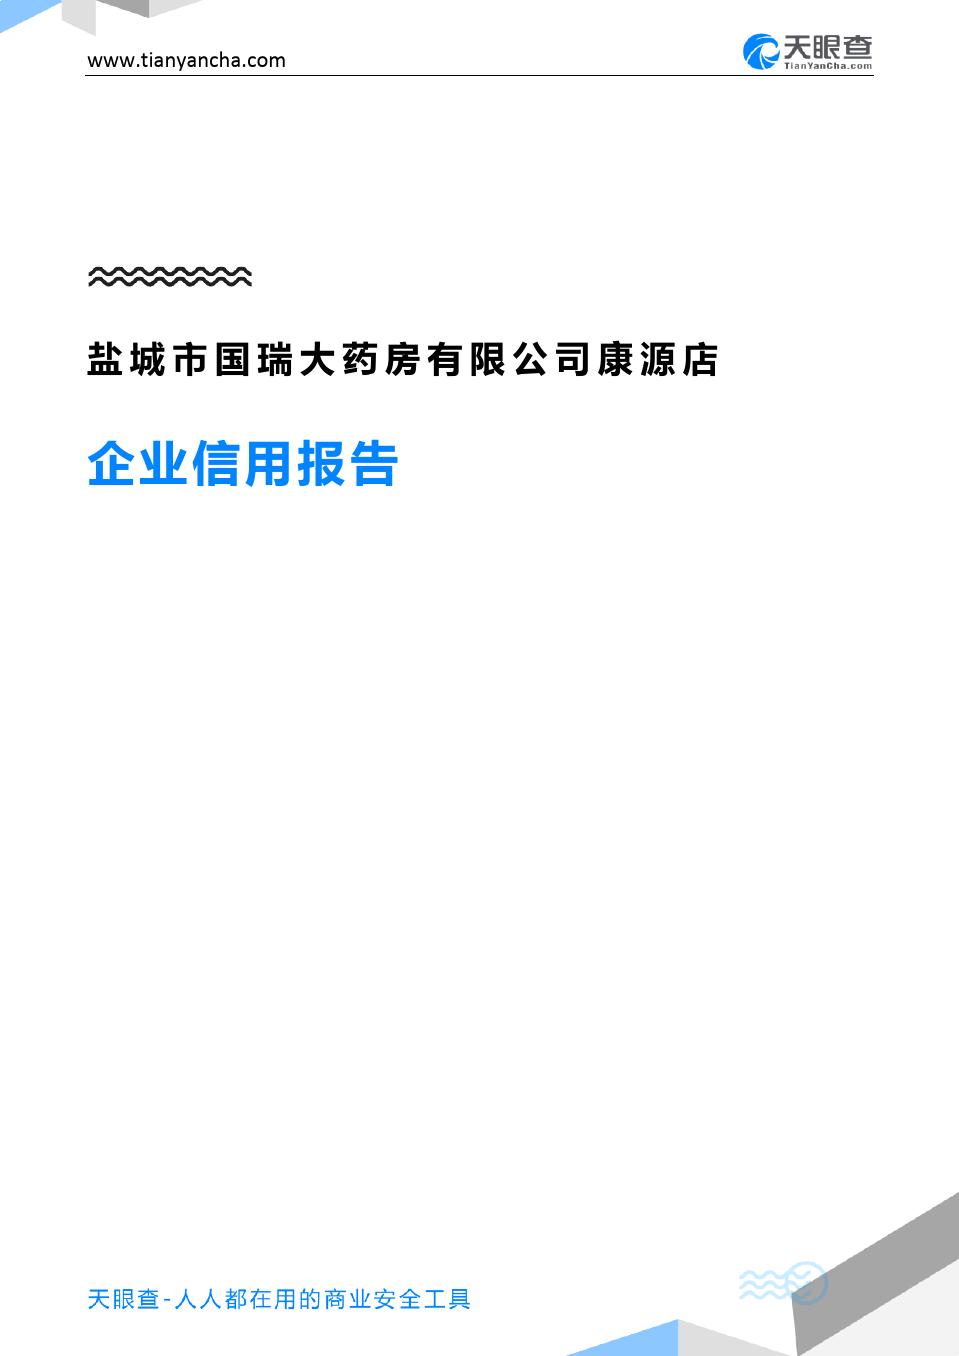 �}城市��瑞大�房有限公司康源店企�I信用�蟾�-天眼查